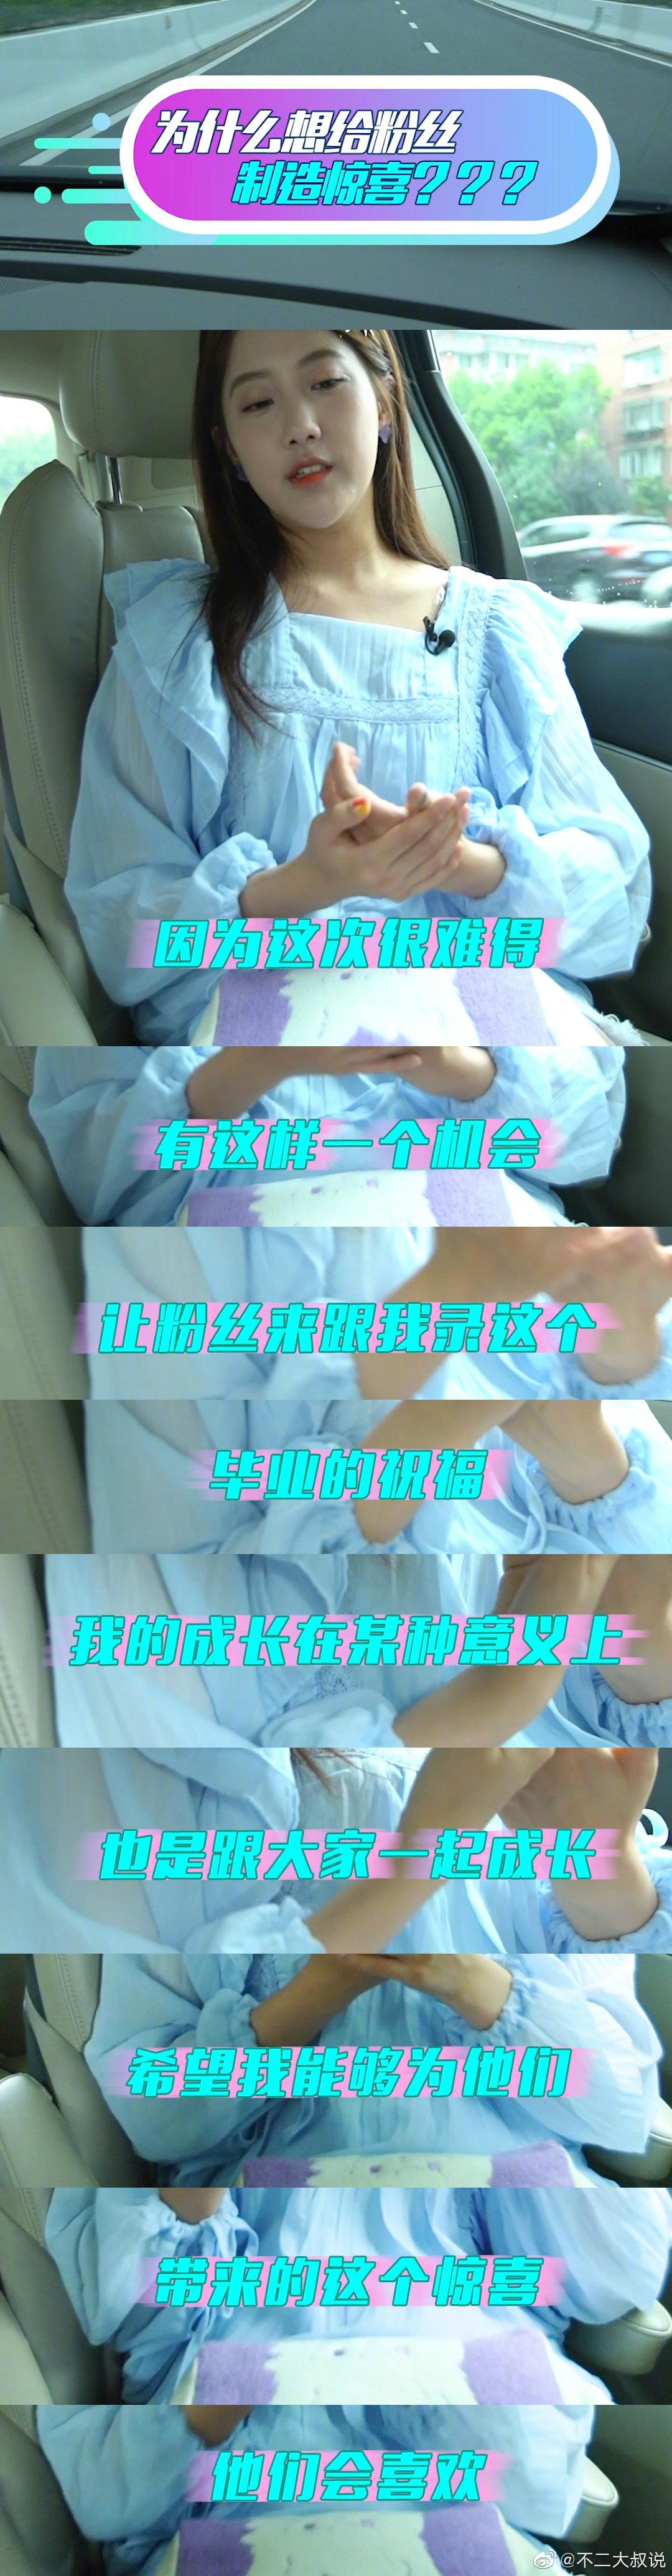 李艺彤在 第二期里把自己藏在礼物盒里突然出现在粉丝面前也太会了吧